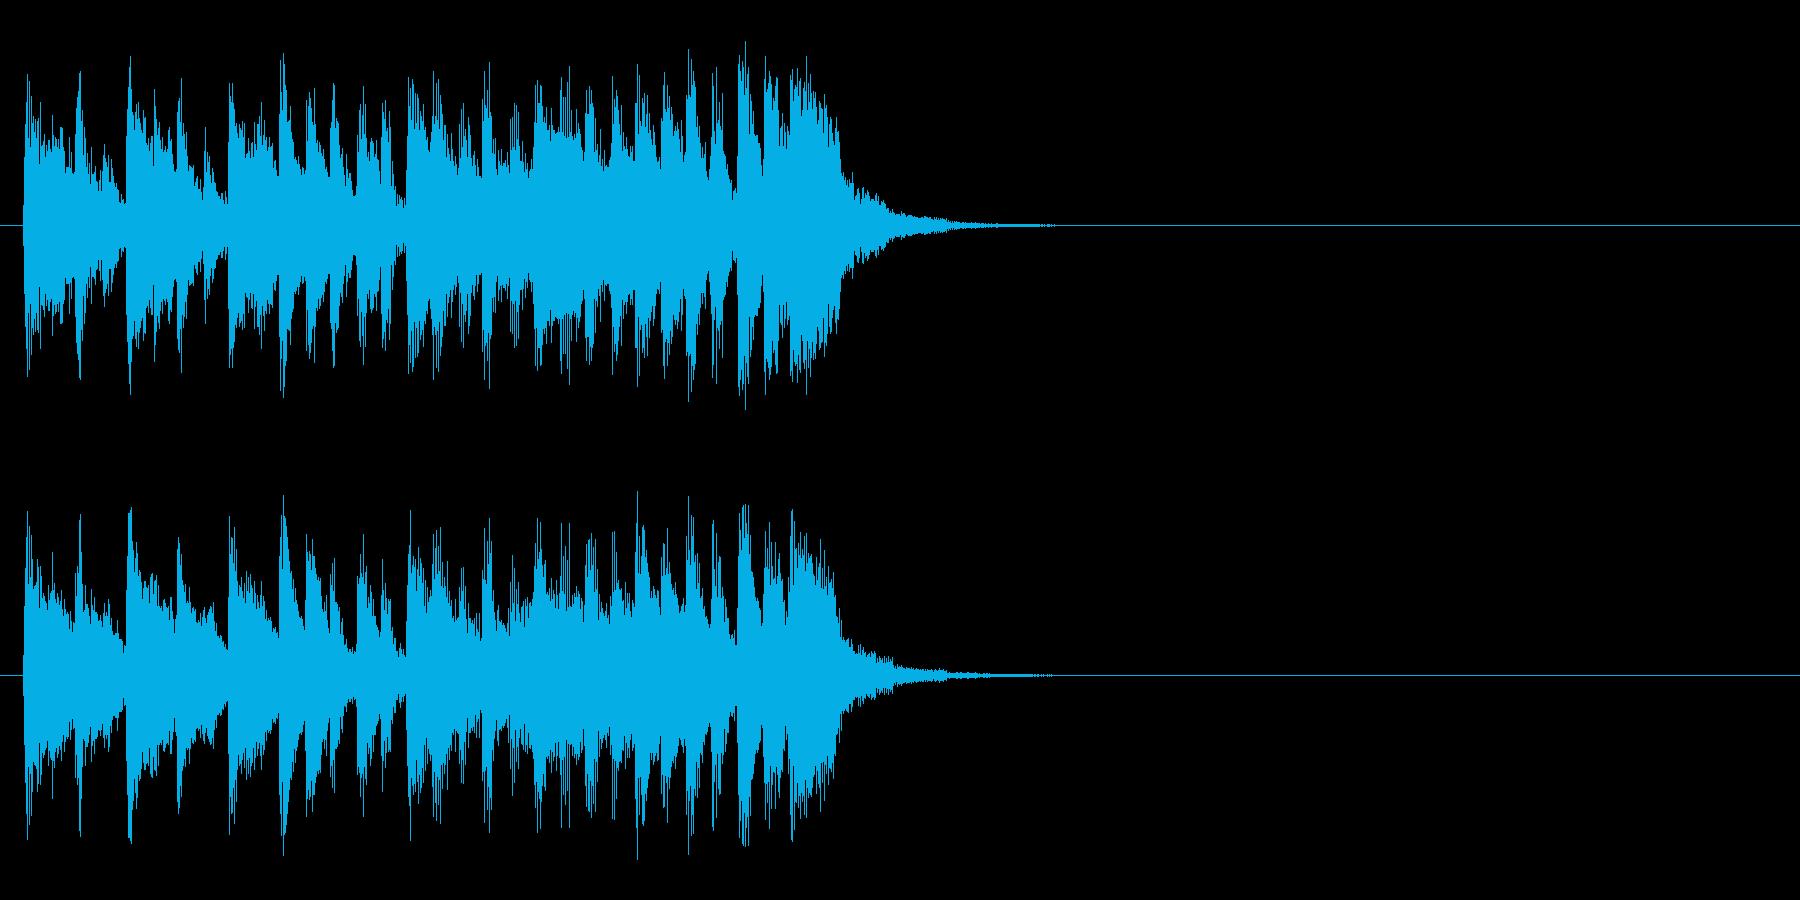 情報コーナー風元気なジングルの再生済みの波形